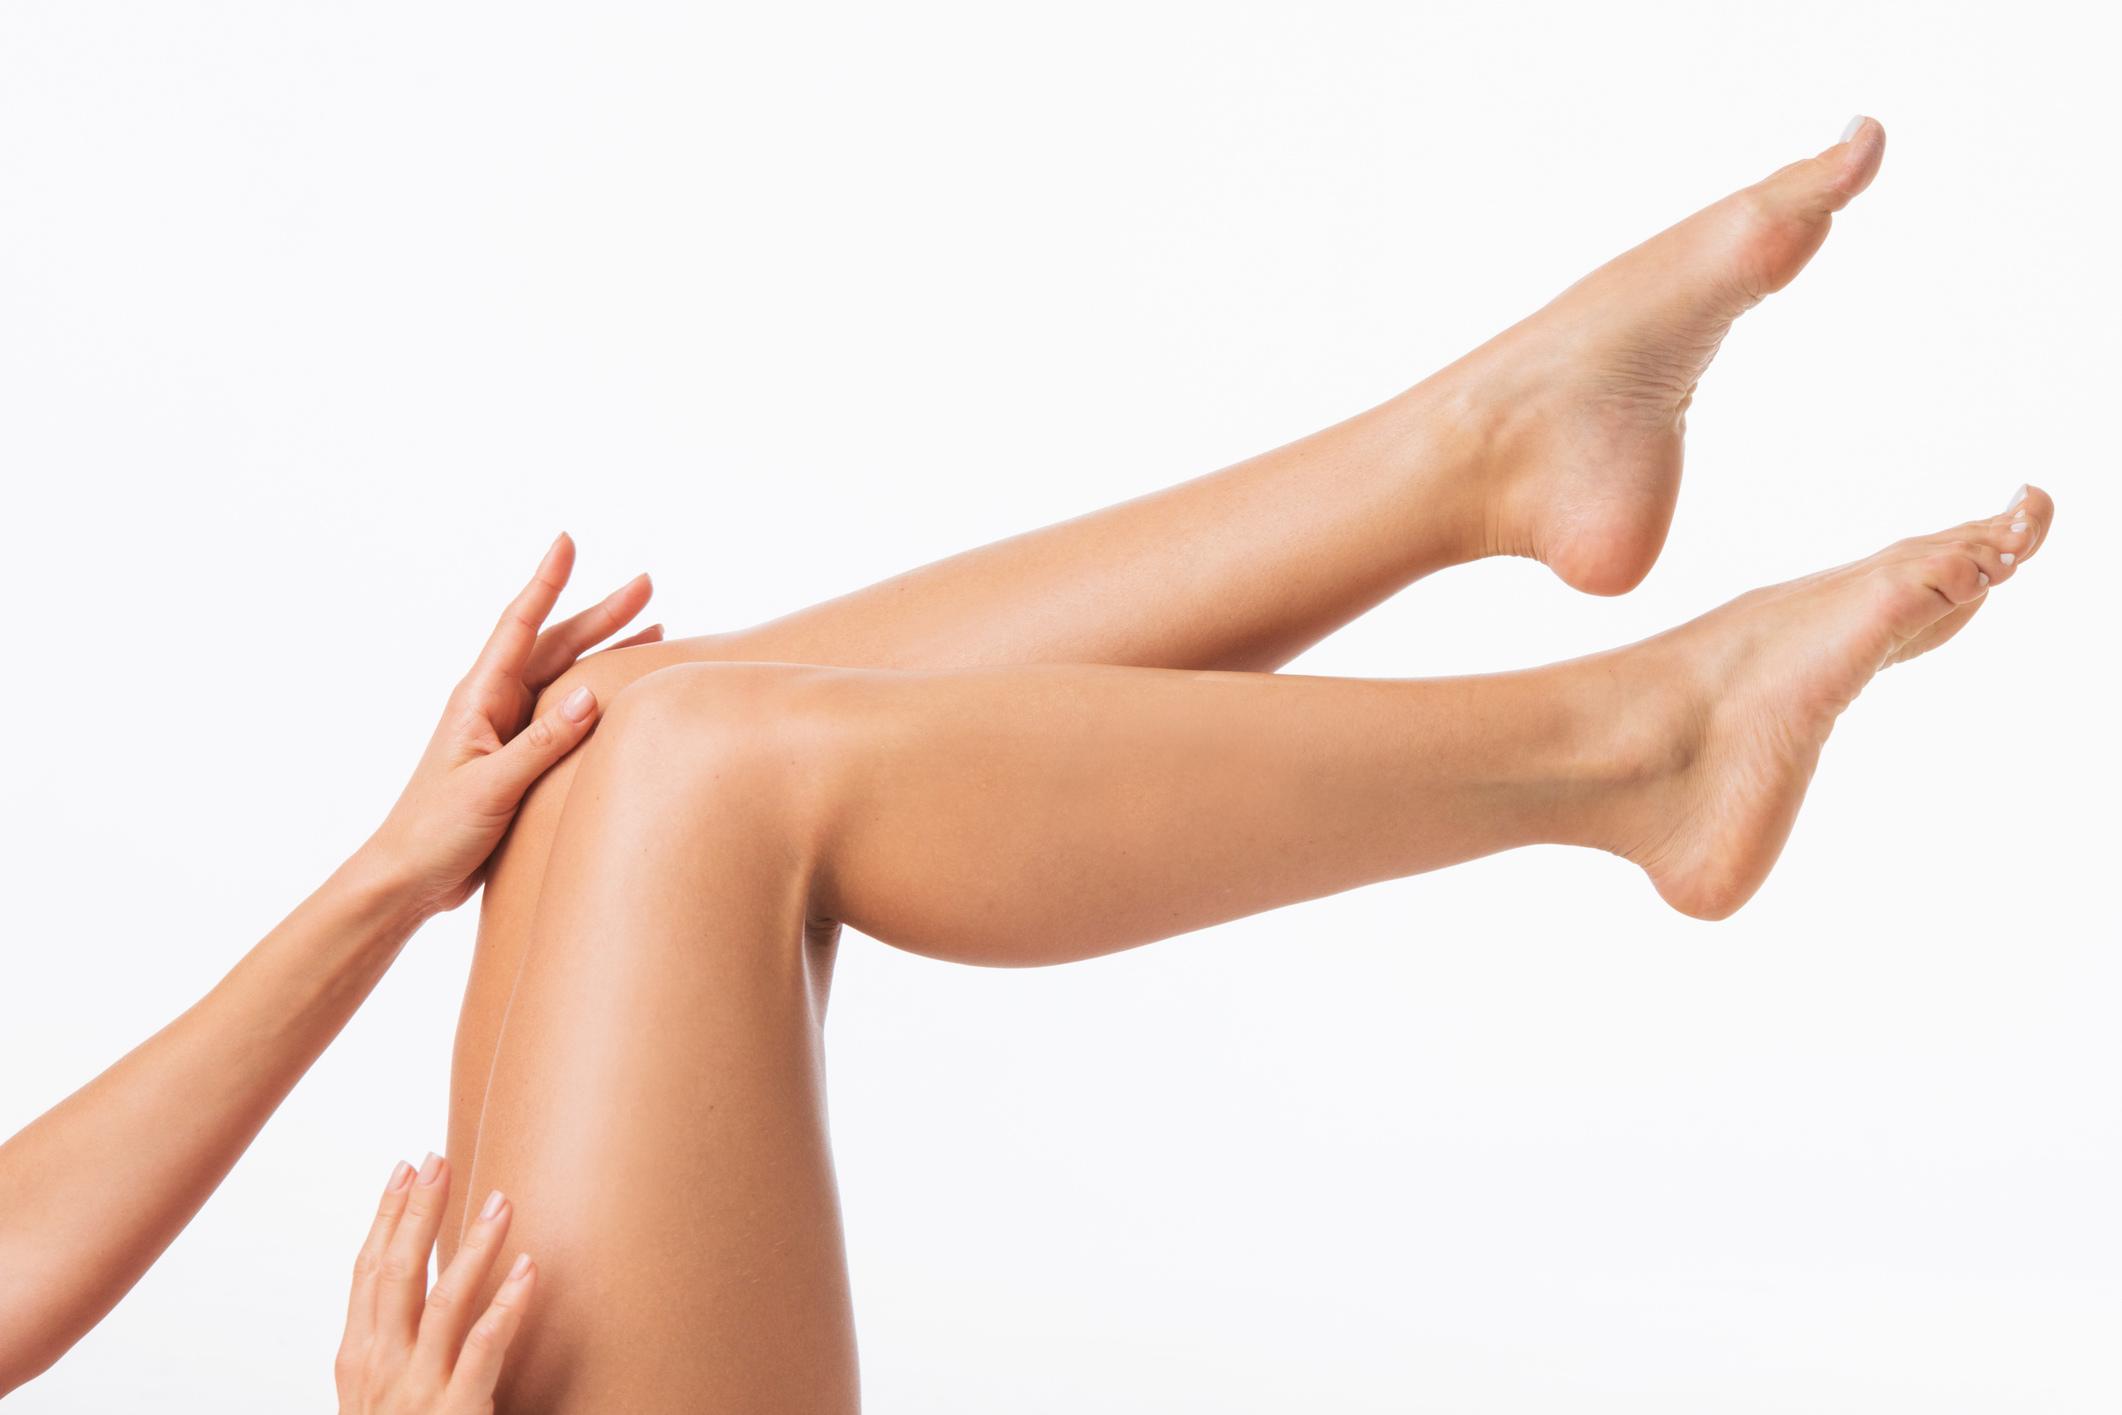 otthoni körülmények visszér kezelés visszér férfiaknál a lábakon vélemények